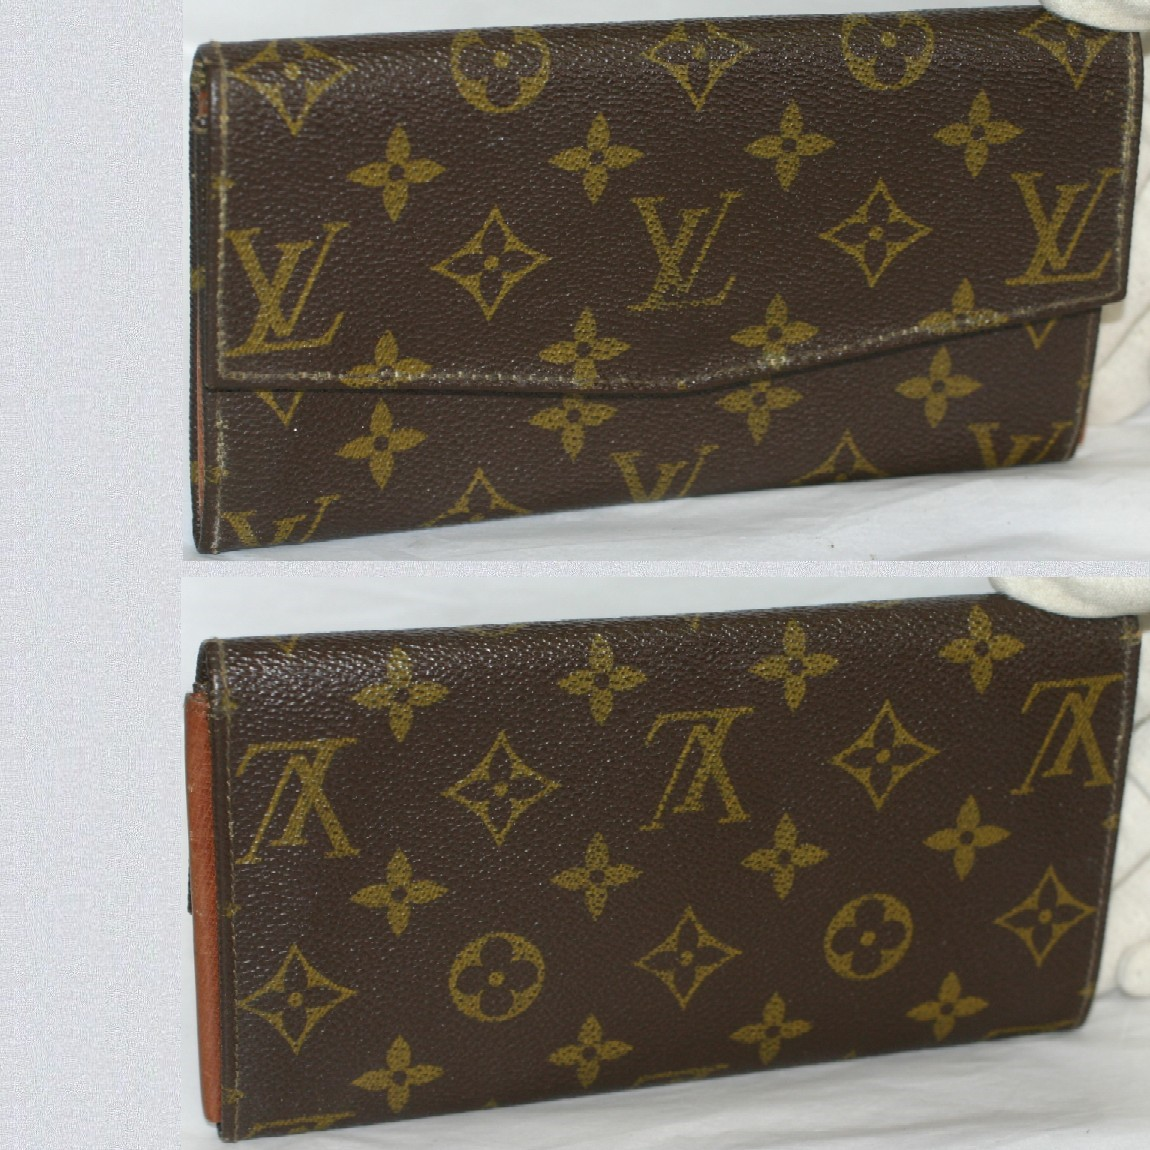 【中古】本物L/Vモノグラム柄男女兼用初期型ファスナー付長財布 コレクションに最適